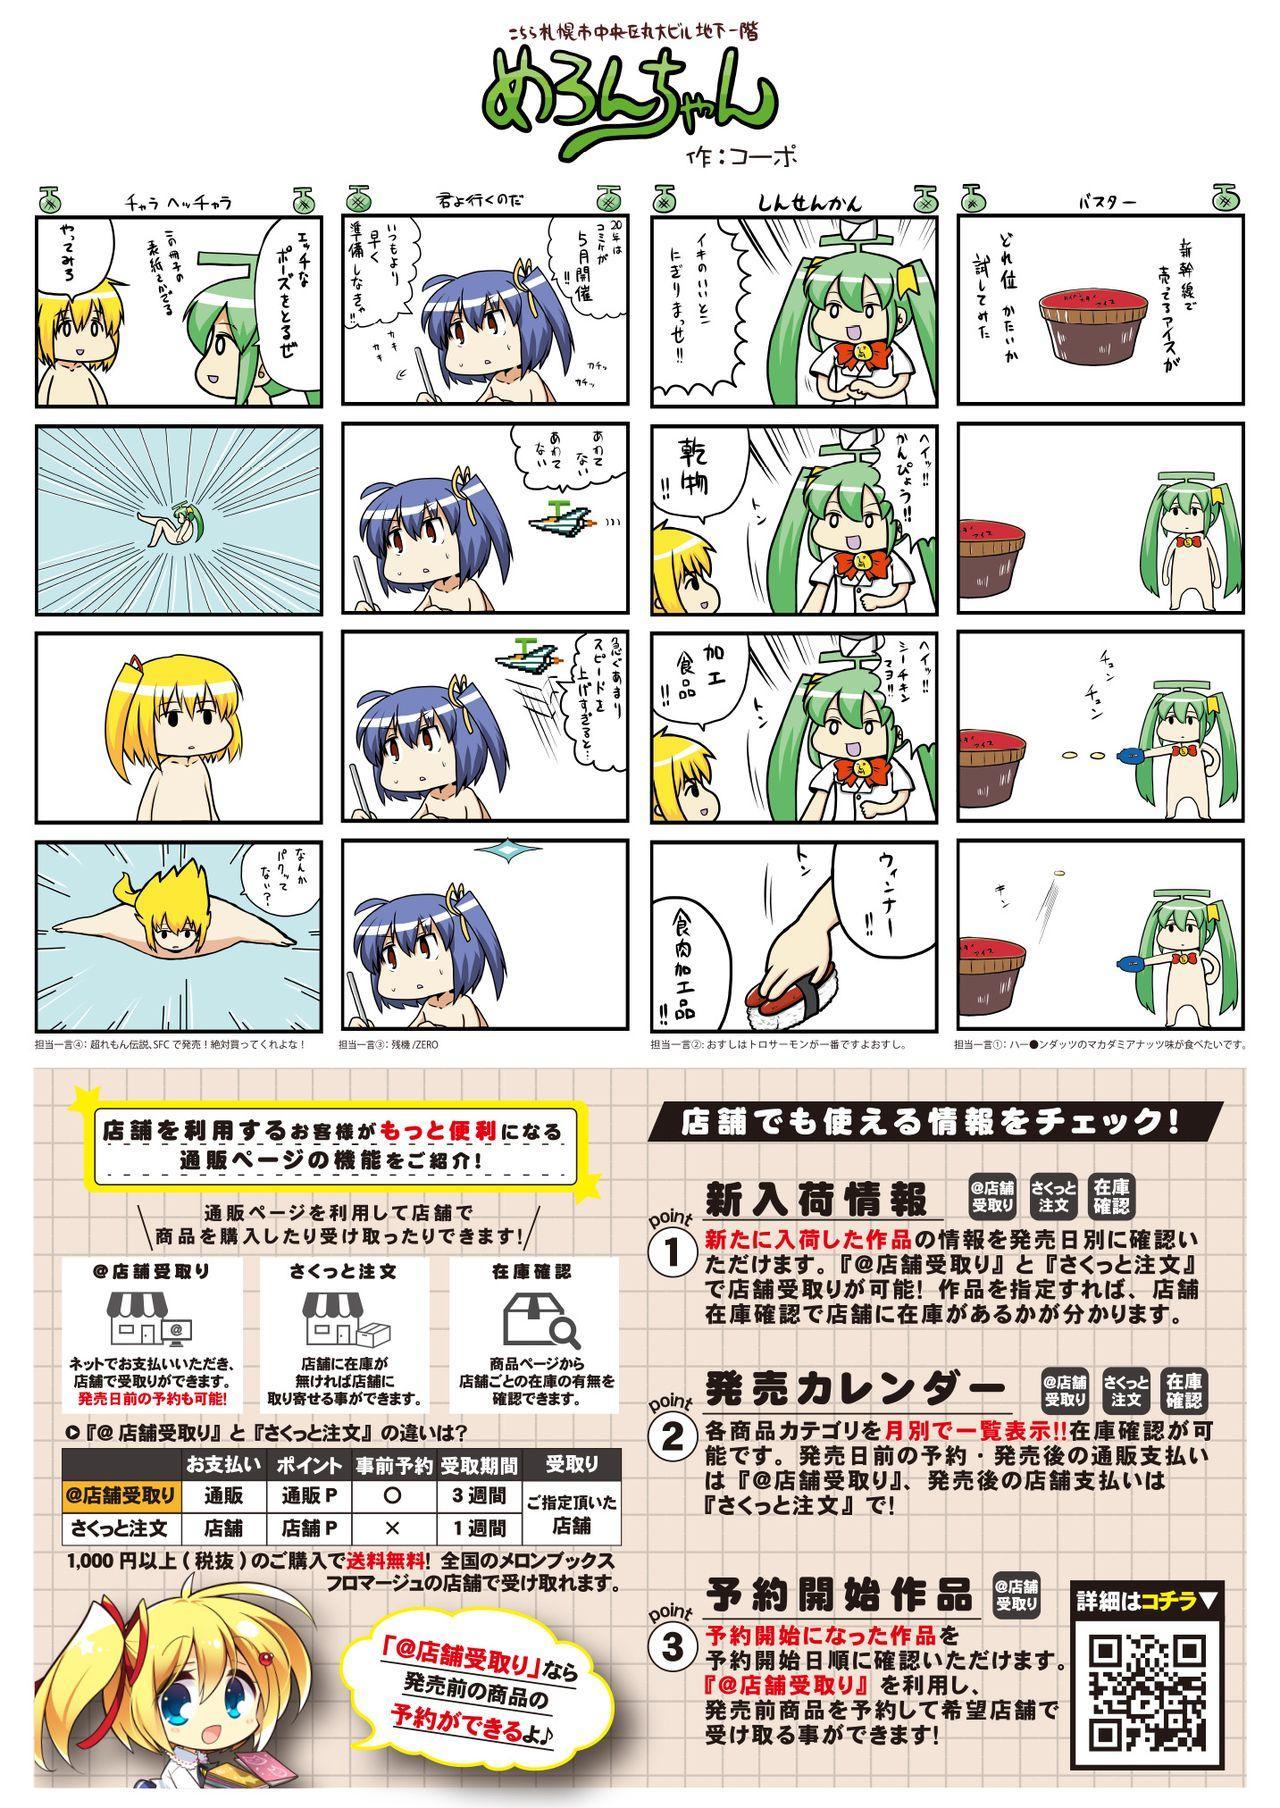 うりぼうざっか店 2020年4月3日発行号 47